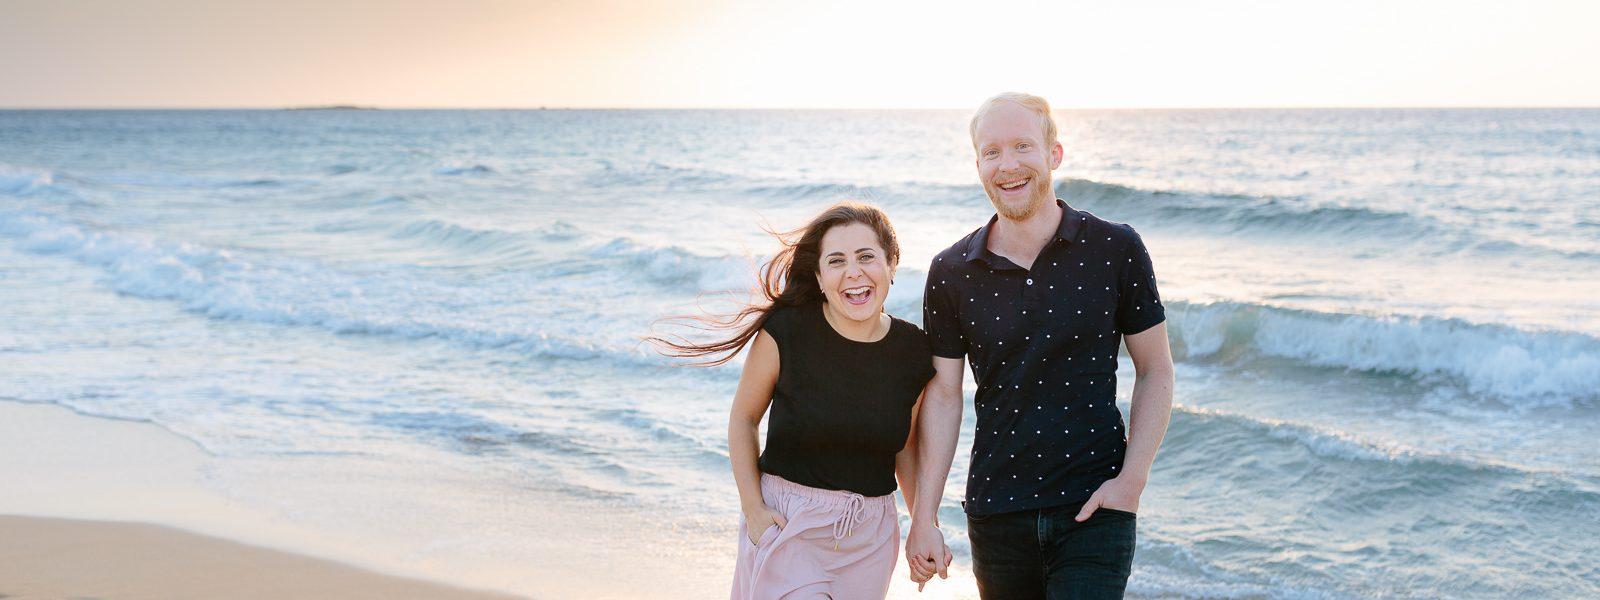 Fotografen für stylische, fröhliche und authentische Paare